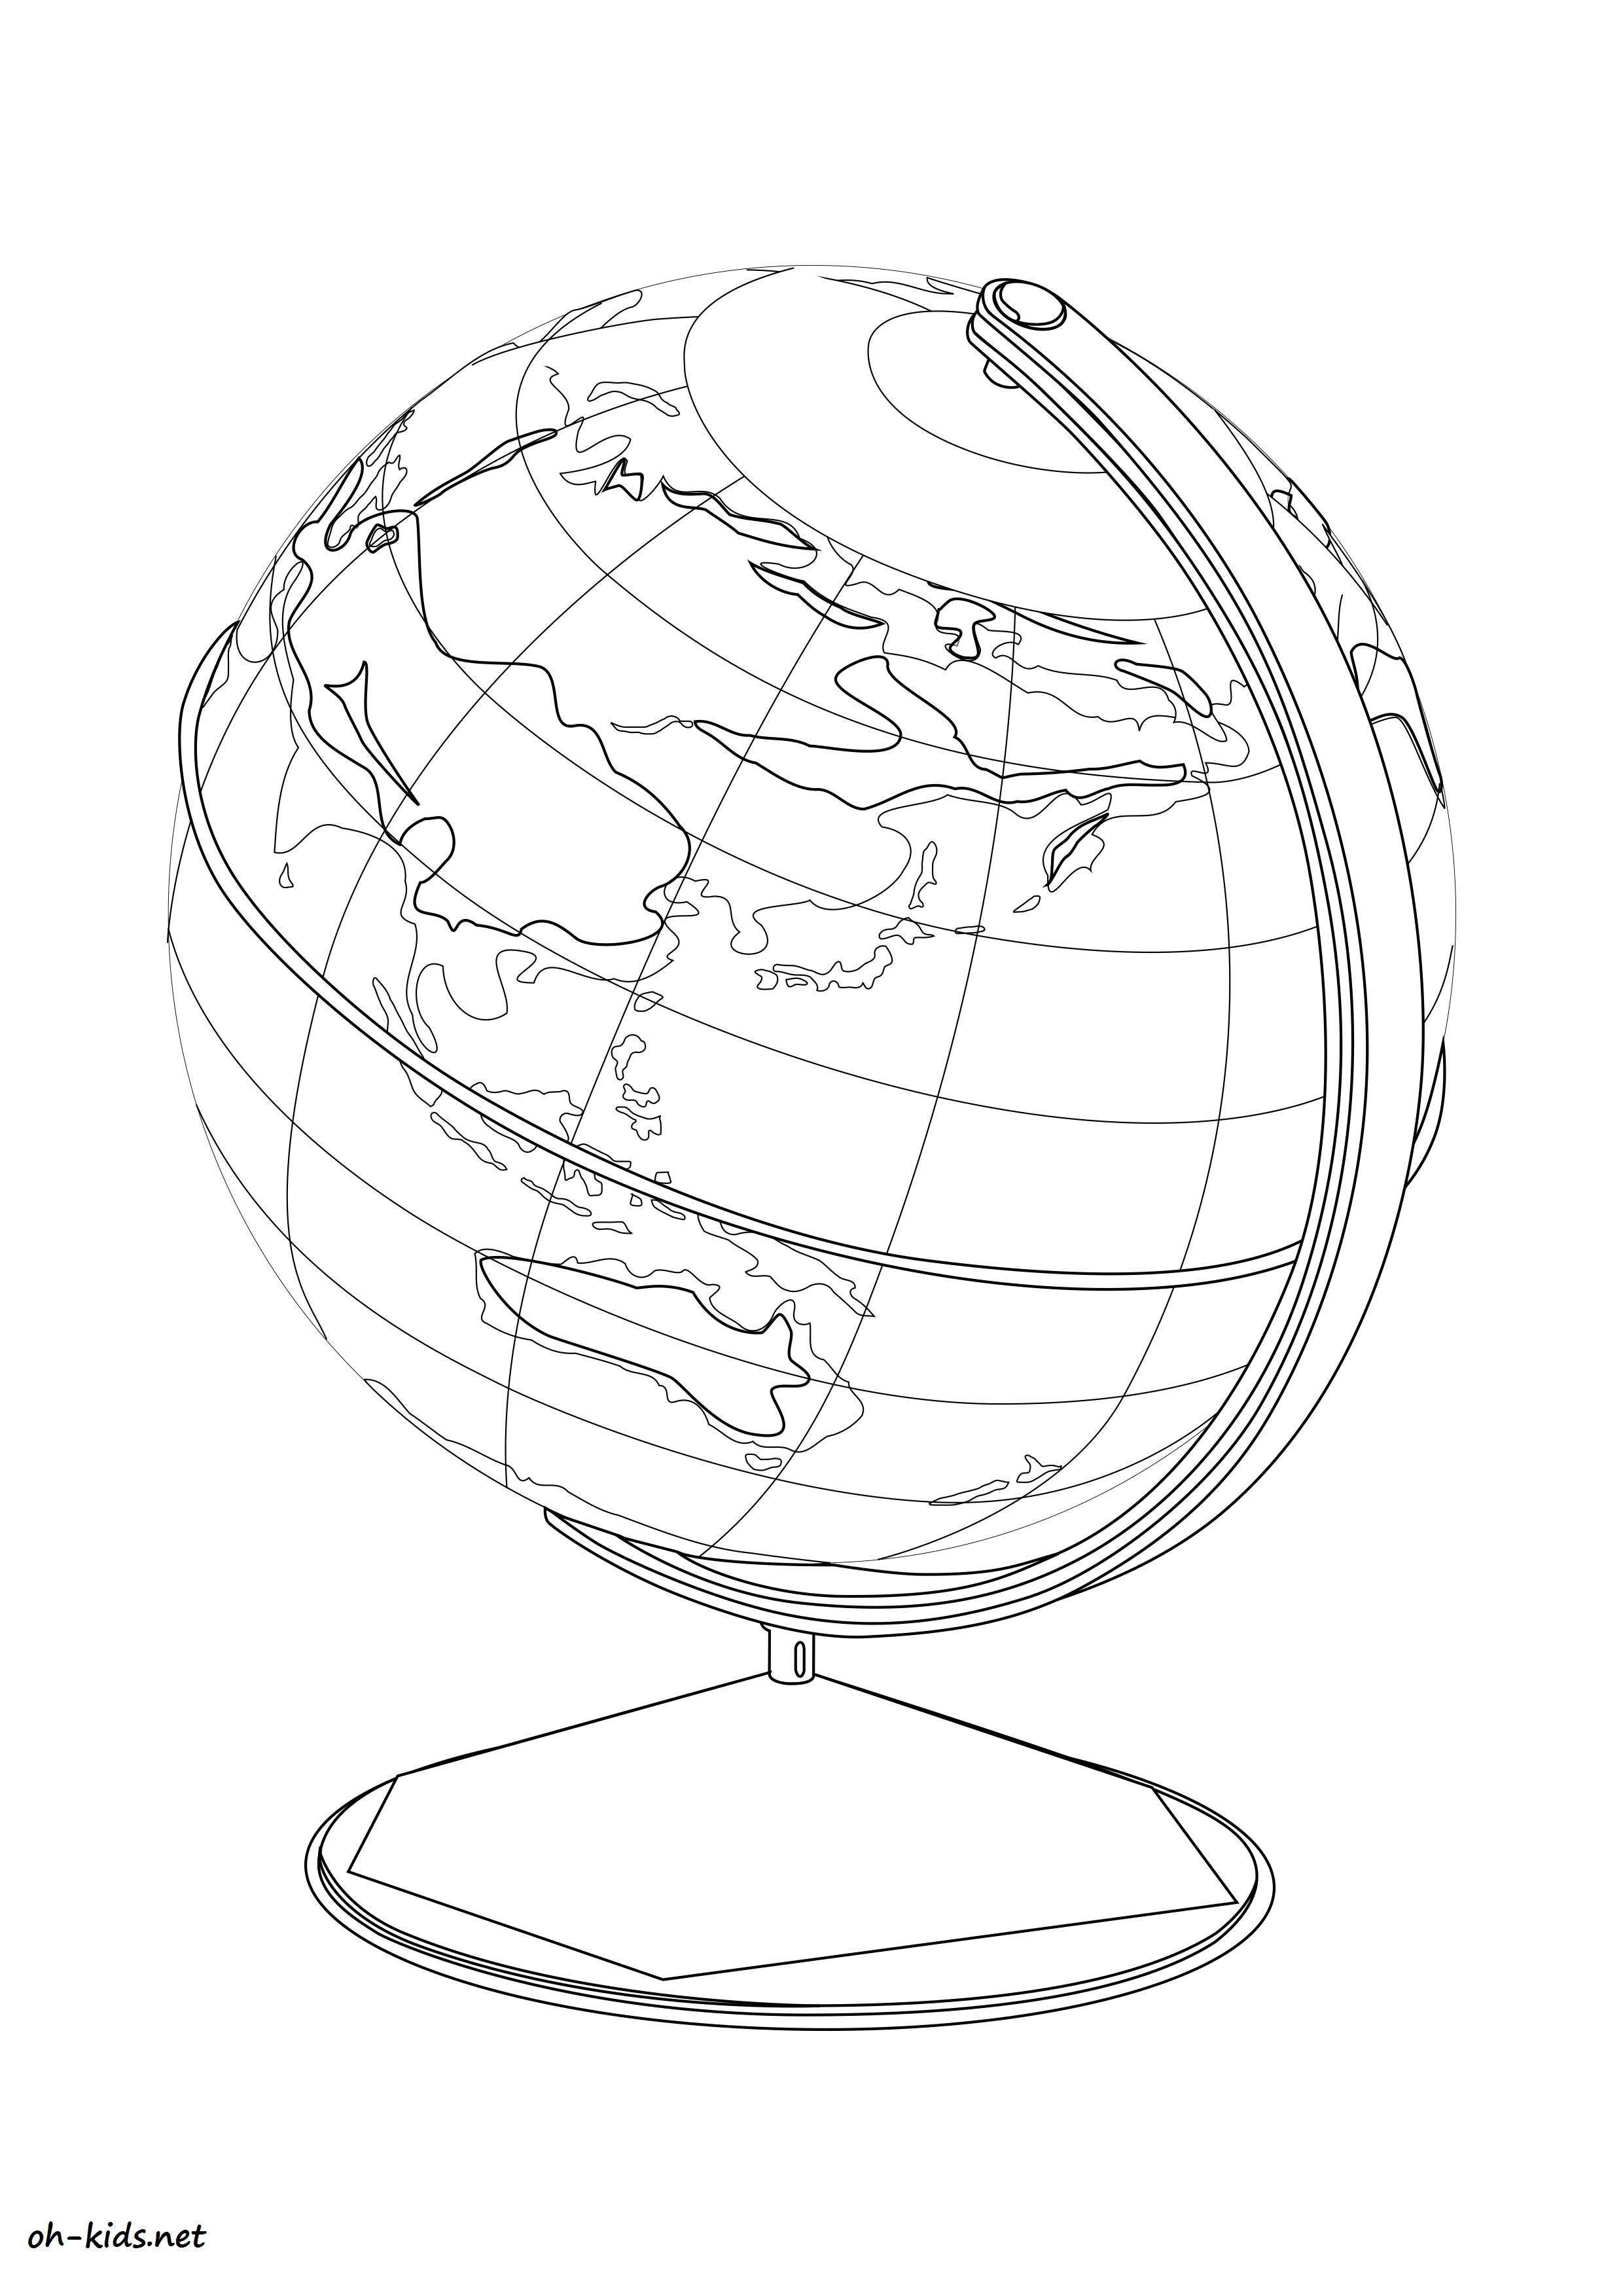 coloriage de globe terrestre amusant gratuit - Dessin #1187